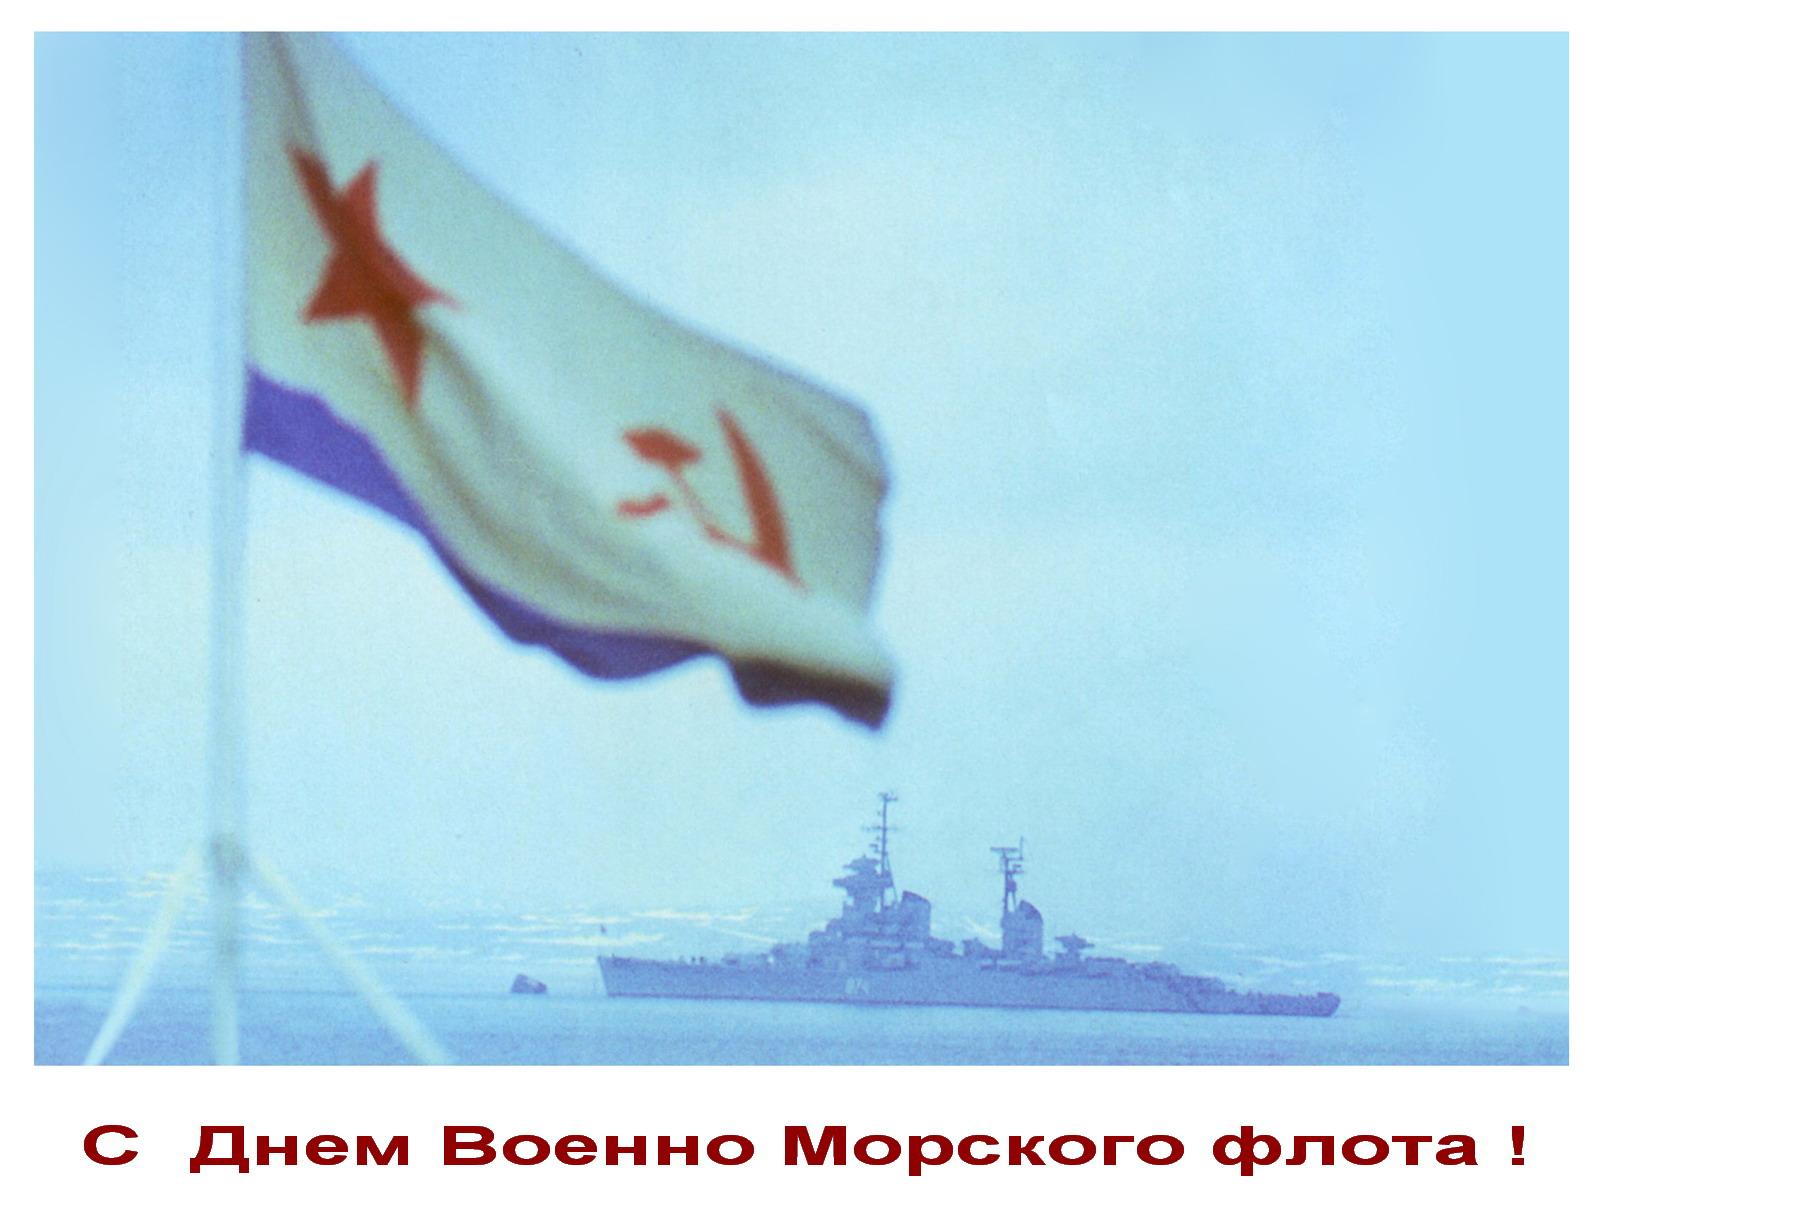 Открытки и картинки на День Военно-морского флота России